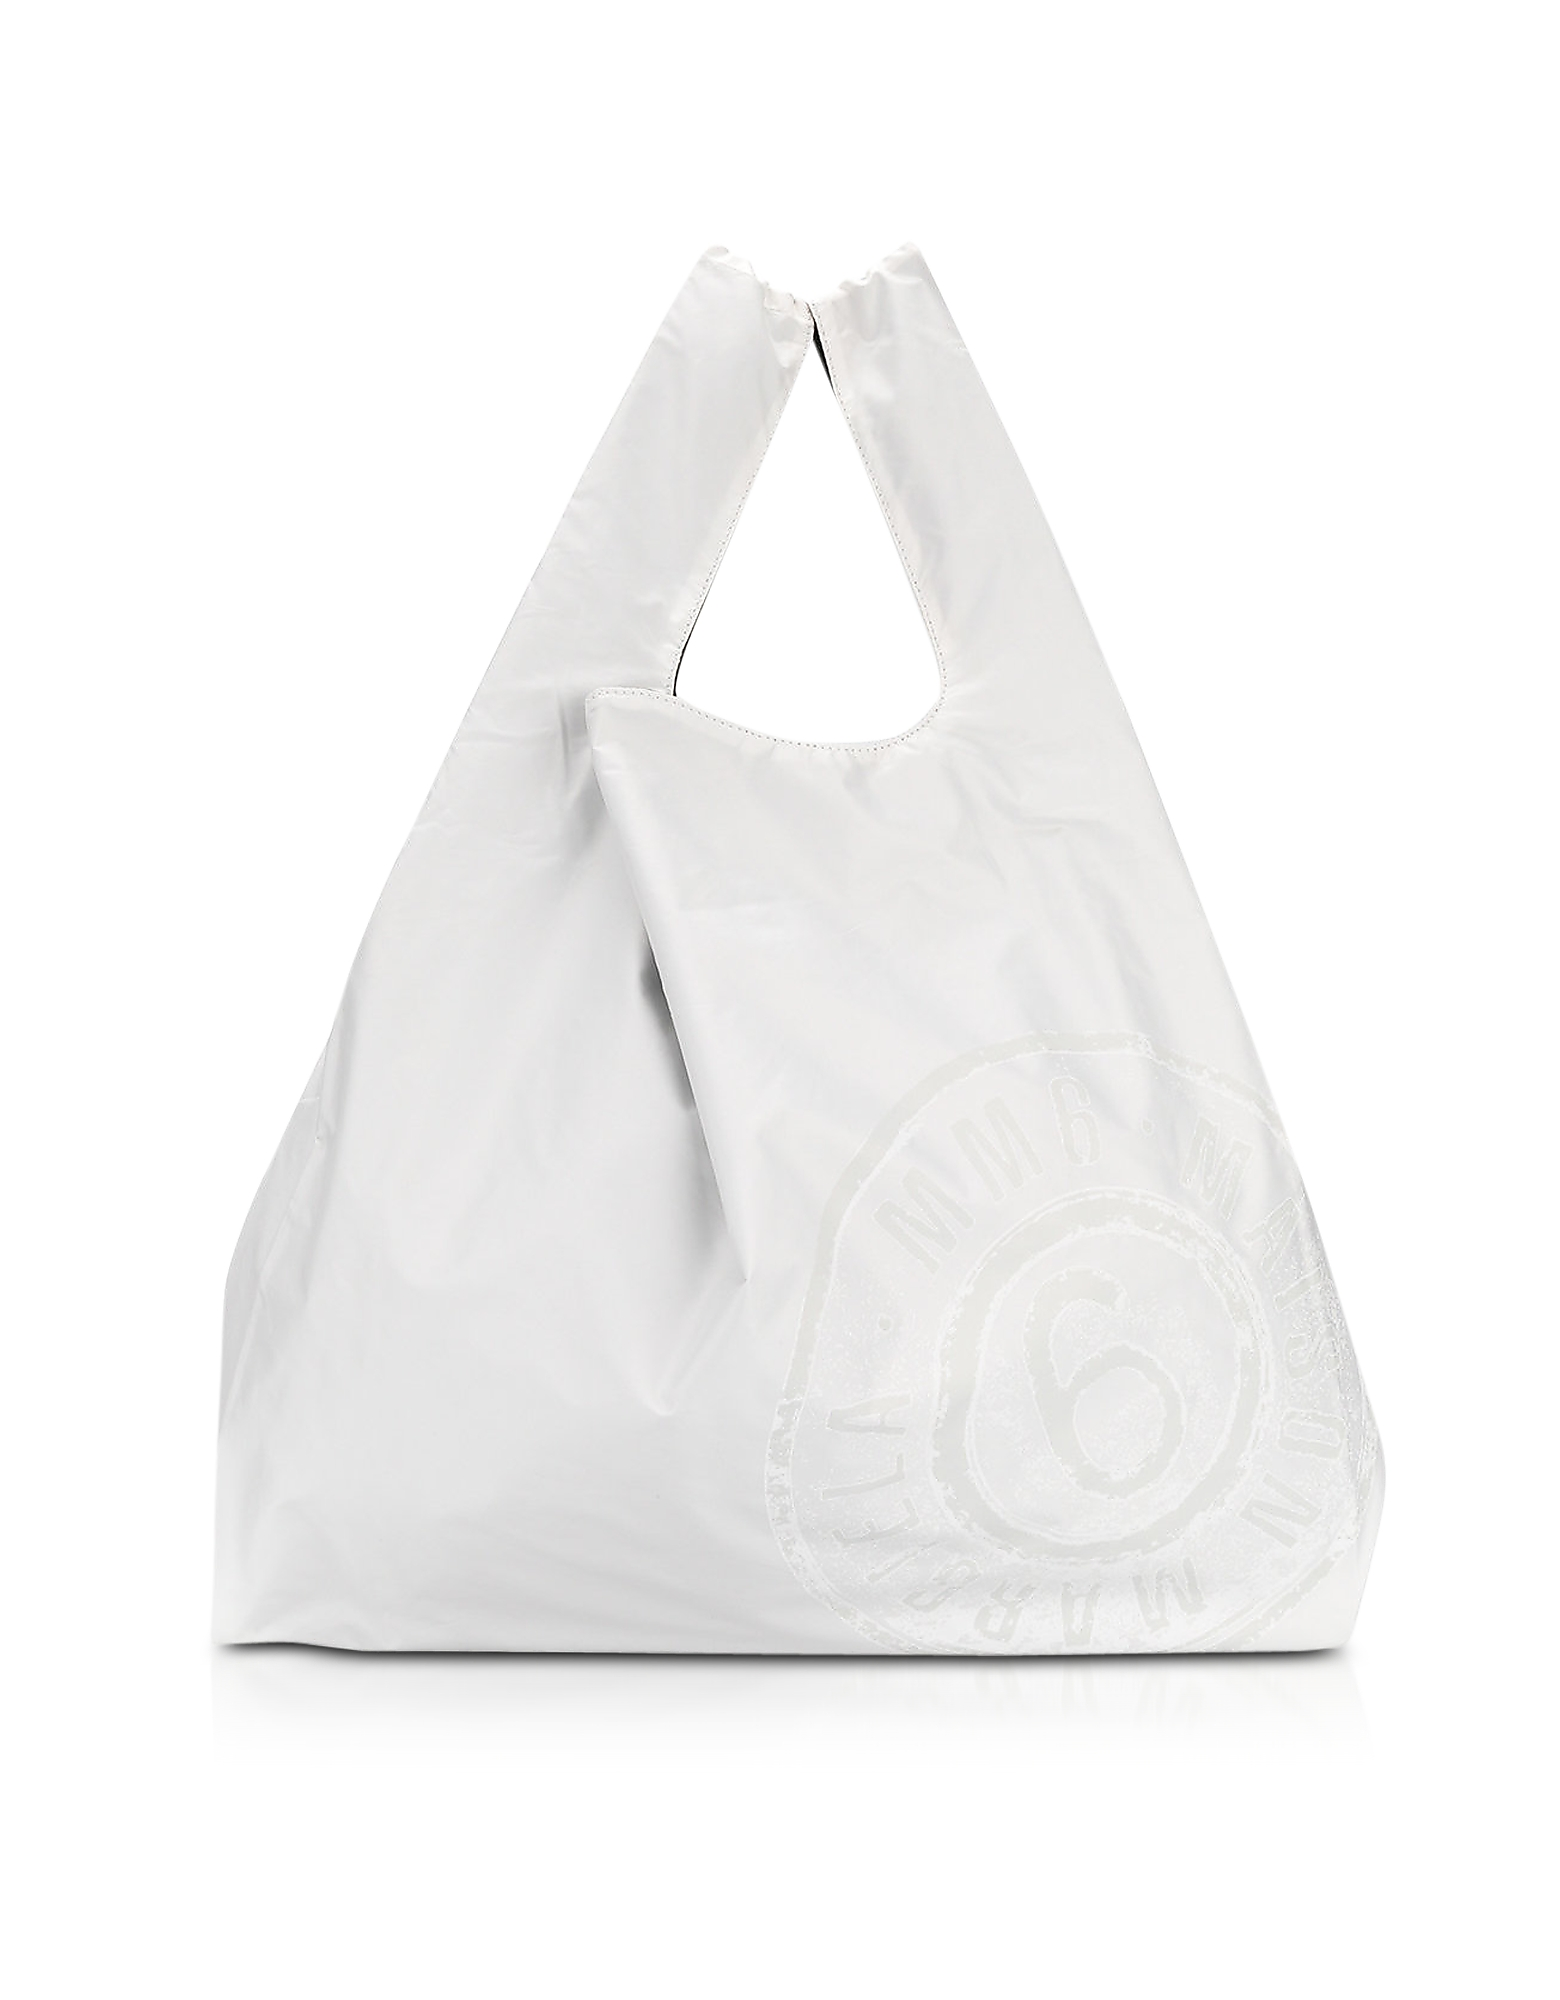 Market Bag - Двухсторонняя Белая и Черная Сумка из Нейлона с Логотипом